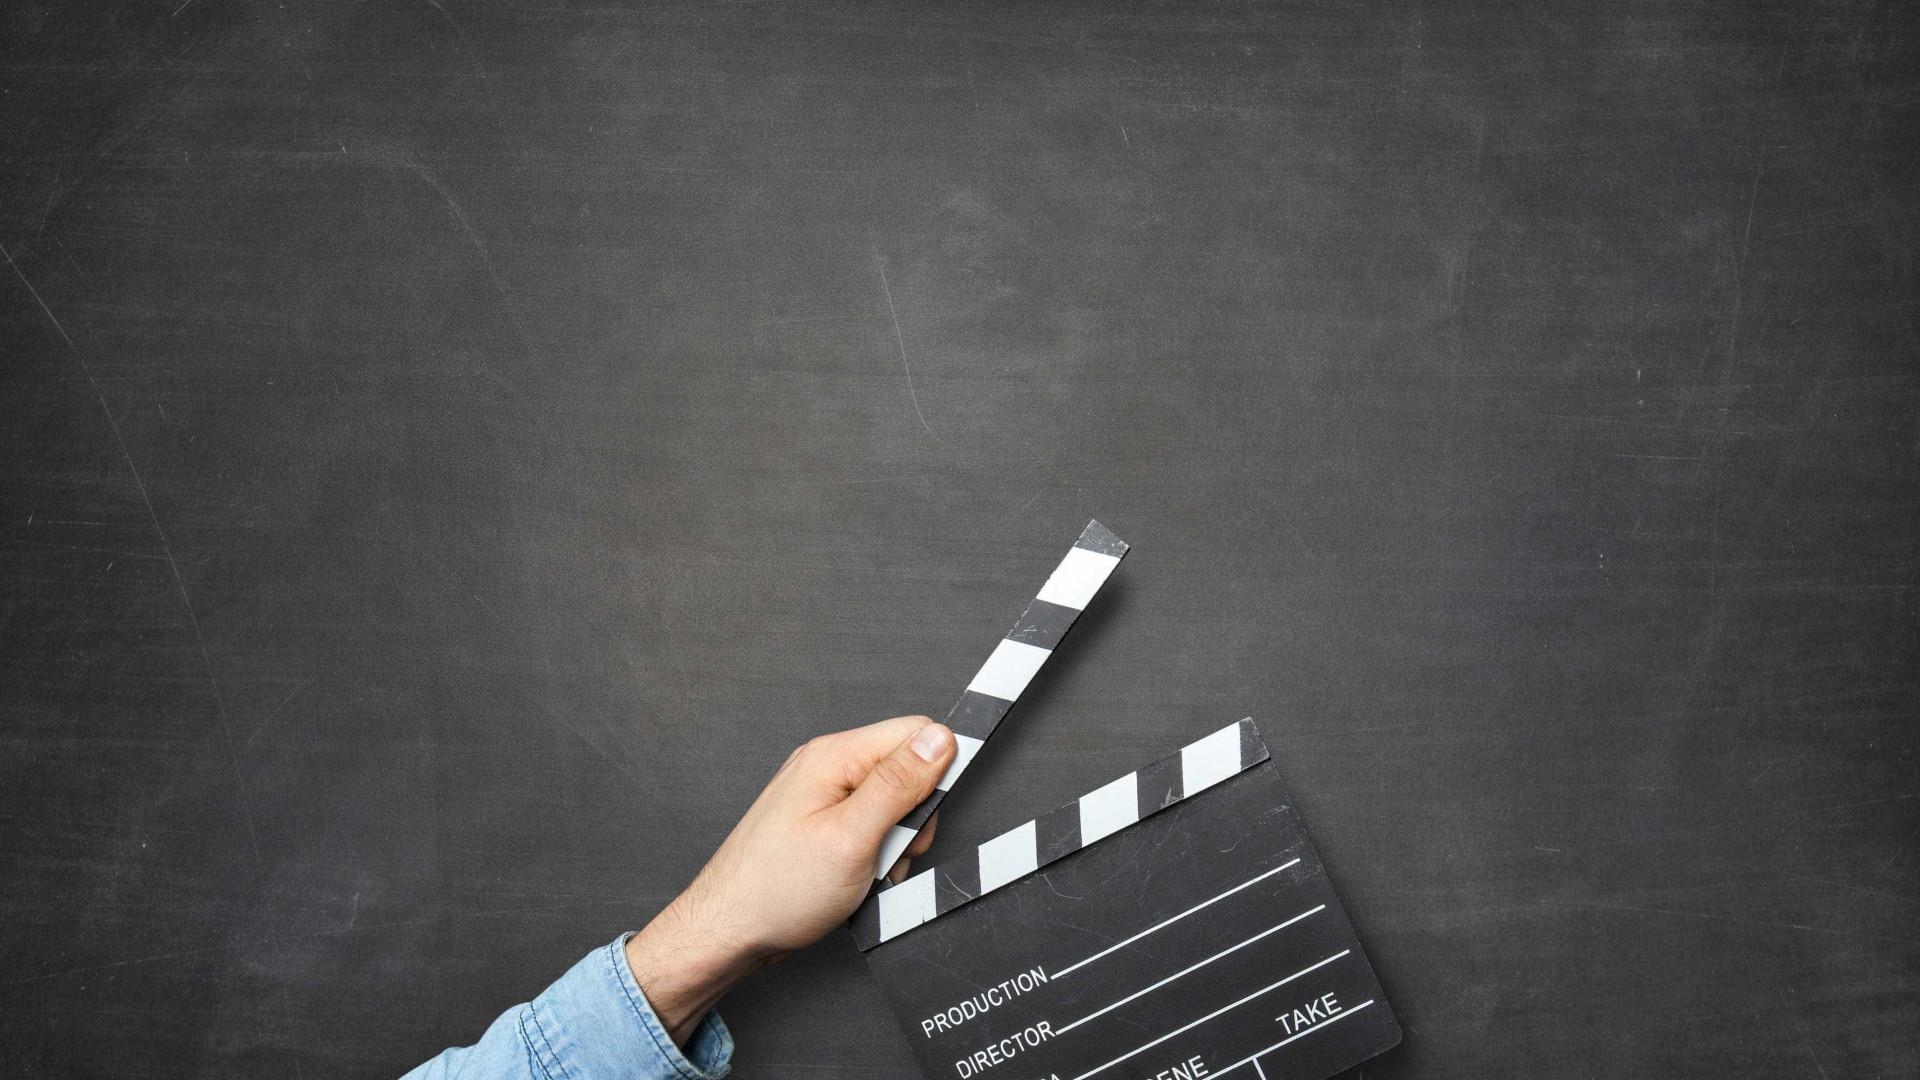 Itália aprofunda relacionamento com o mundo lusófono através do cinema